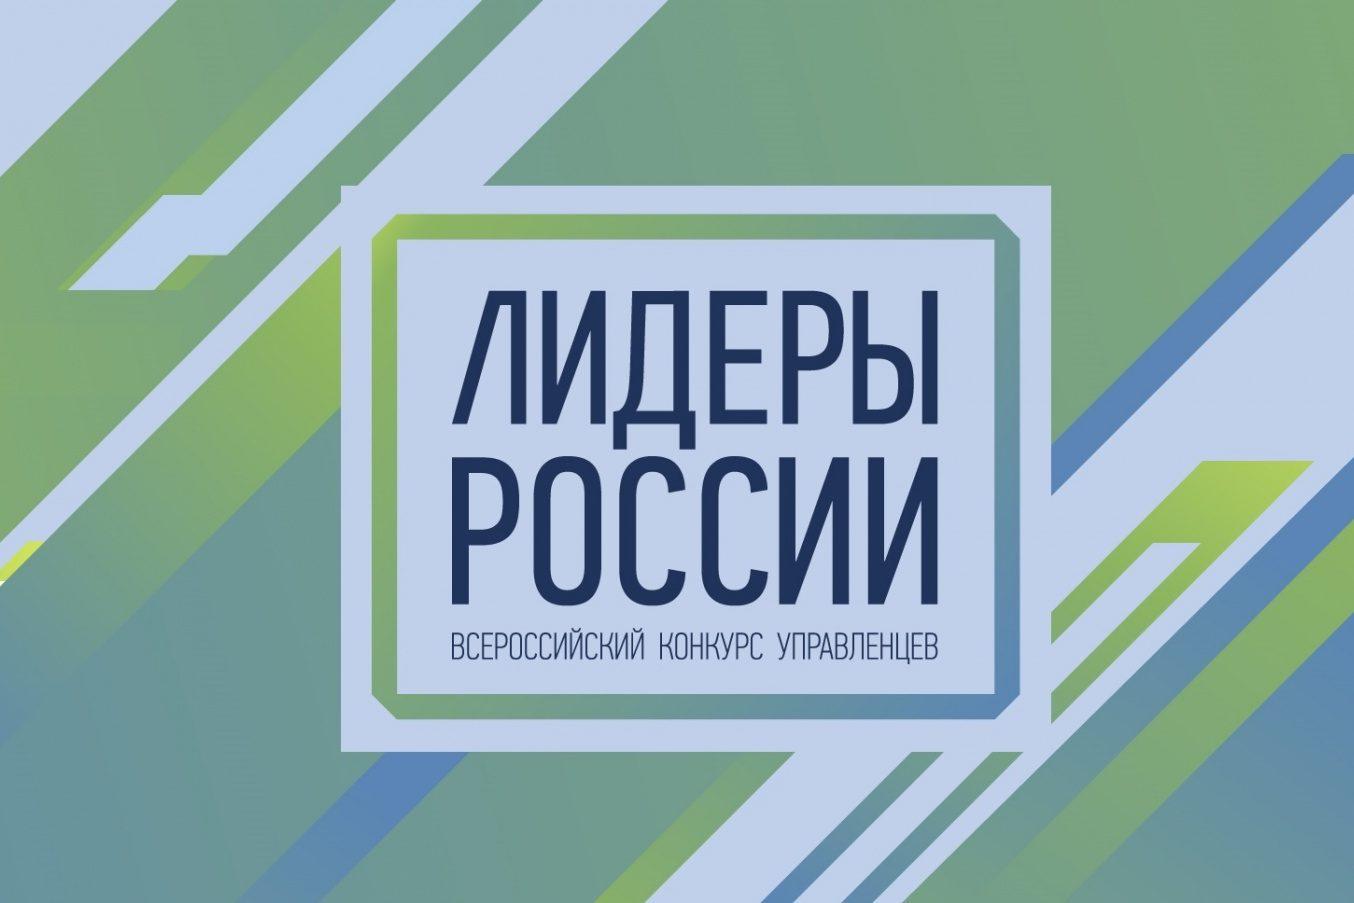 На конкурс «Лидеры России. Политика» заявилось более 8200 человек, в том числе от Тверской области